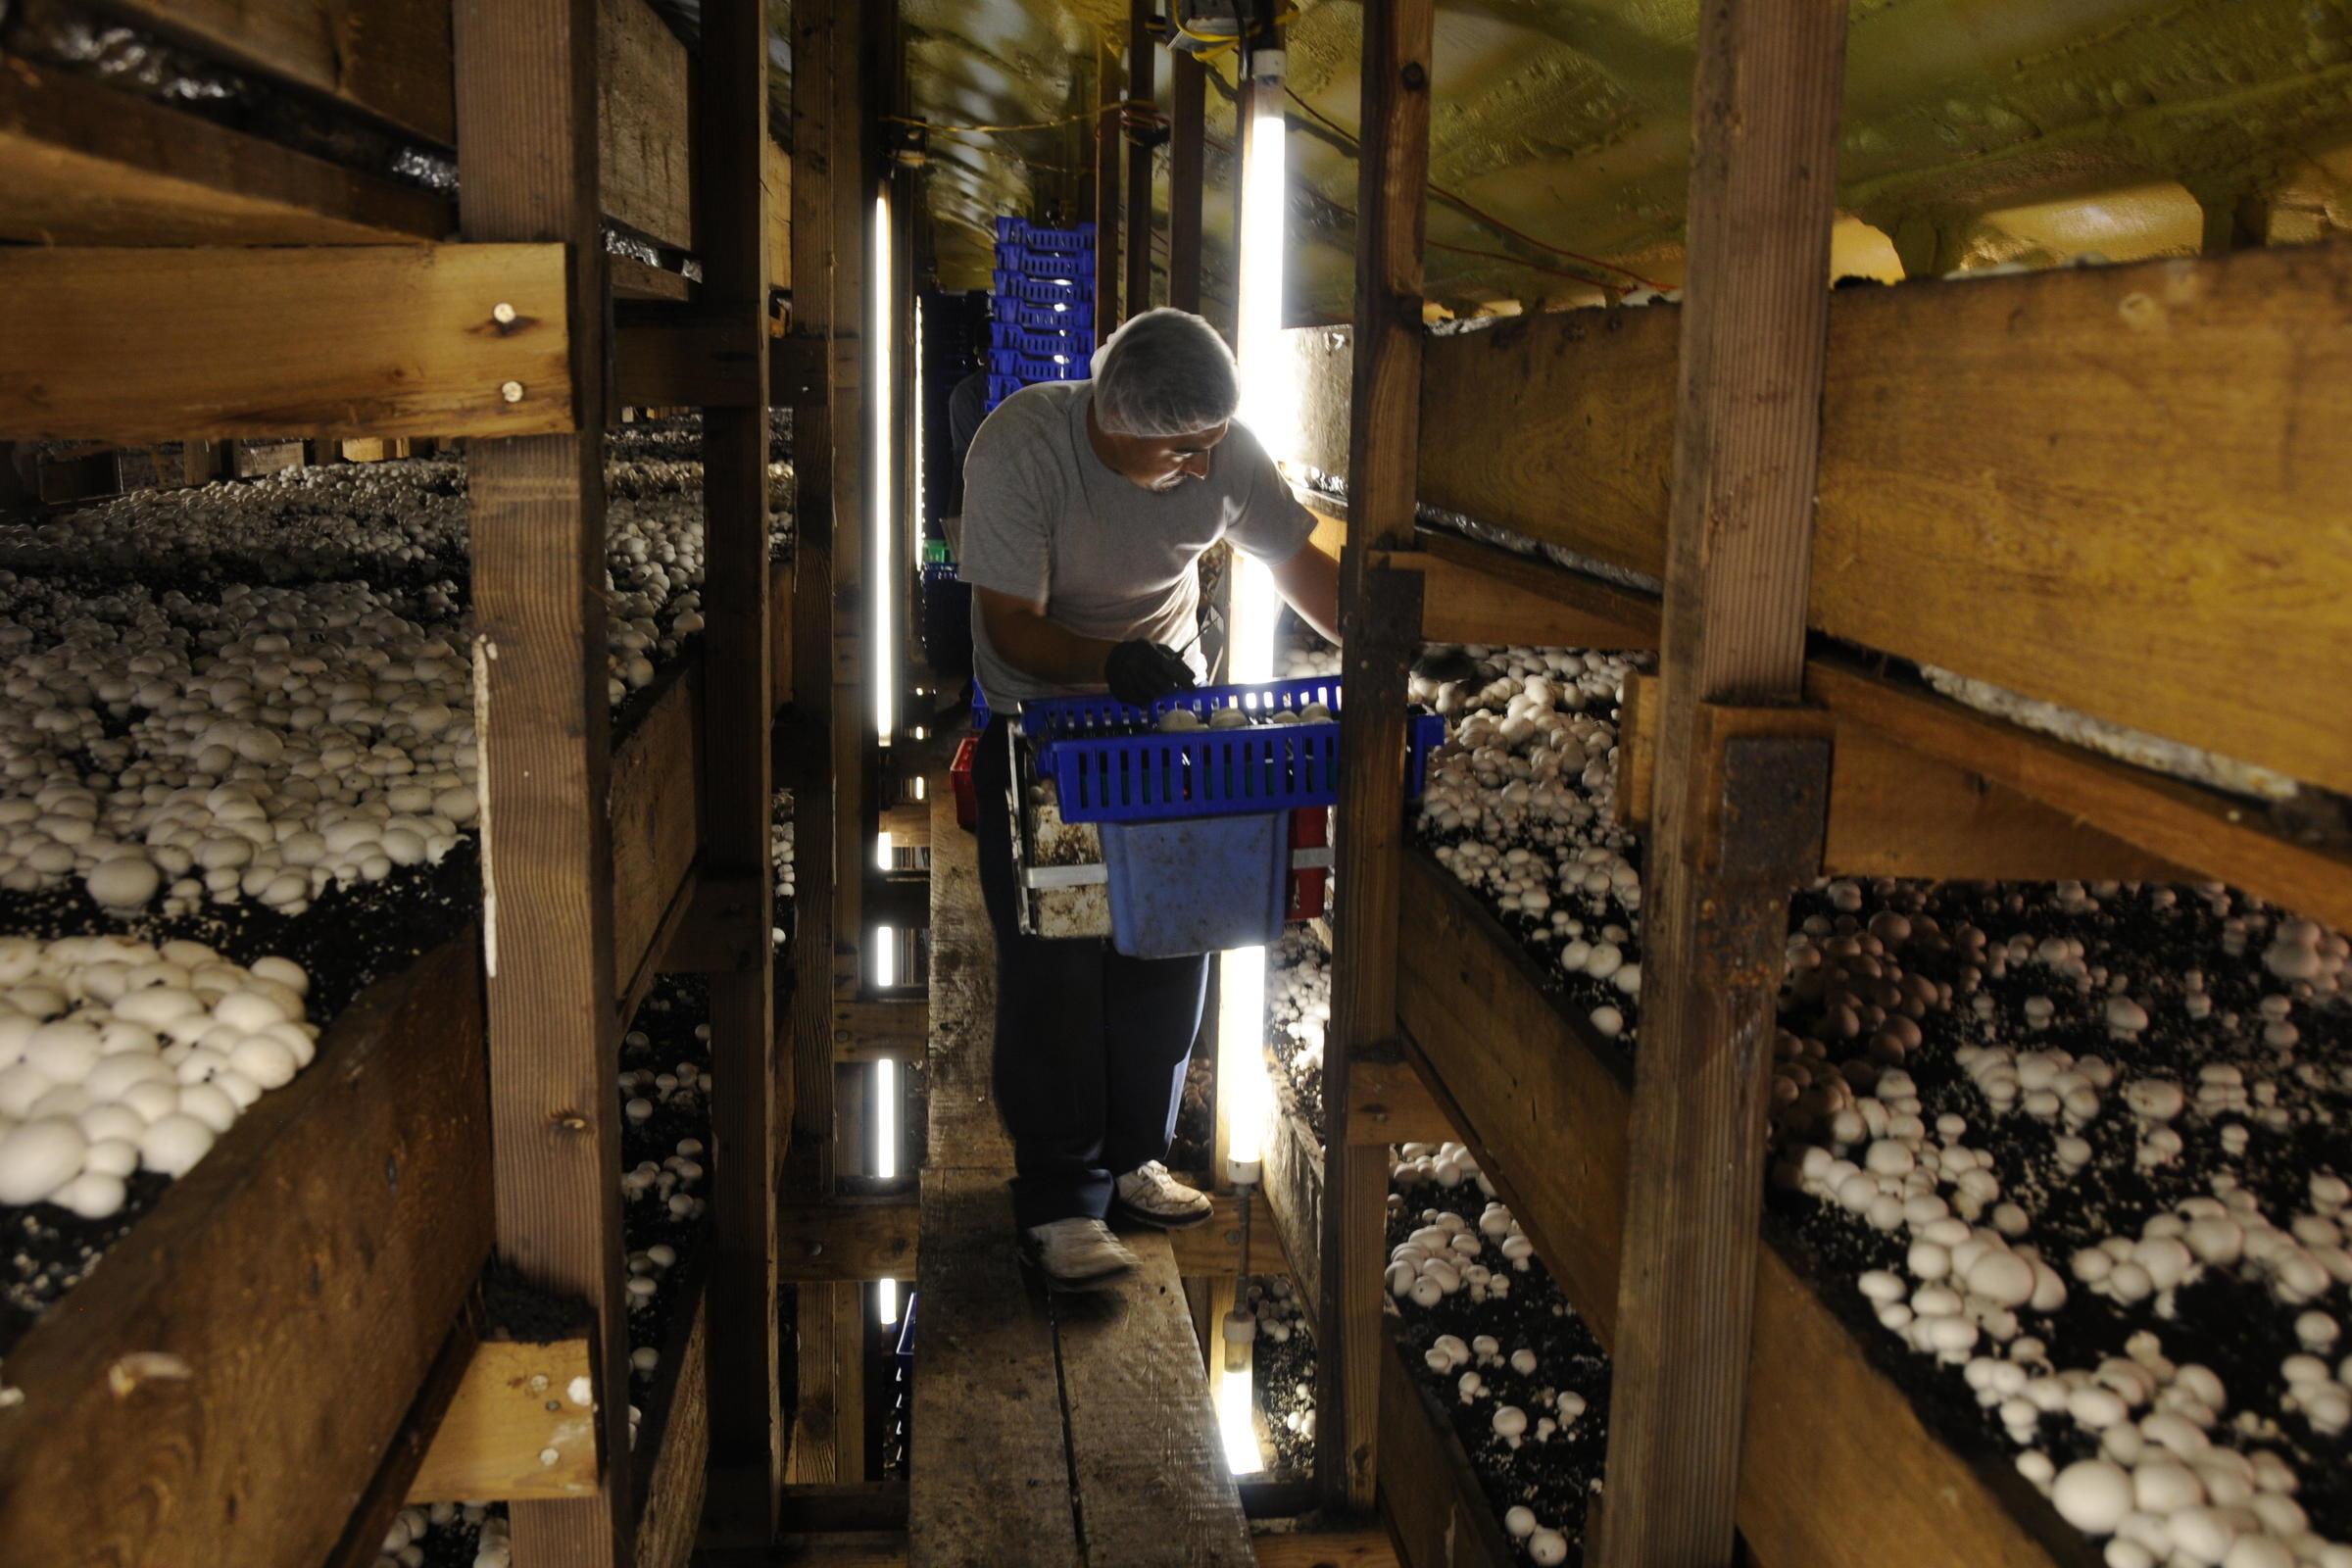 грибная ферма в подвале фото том, что всеми